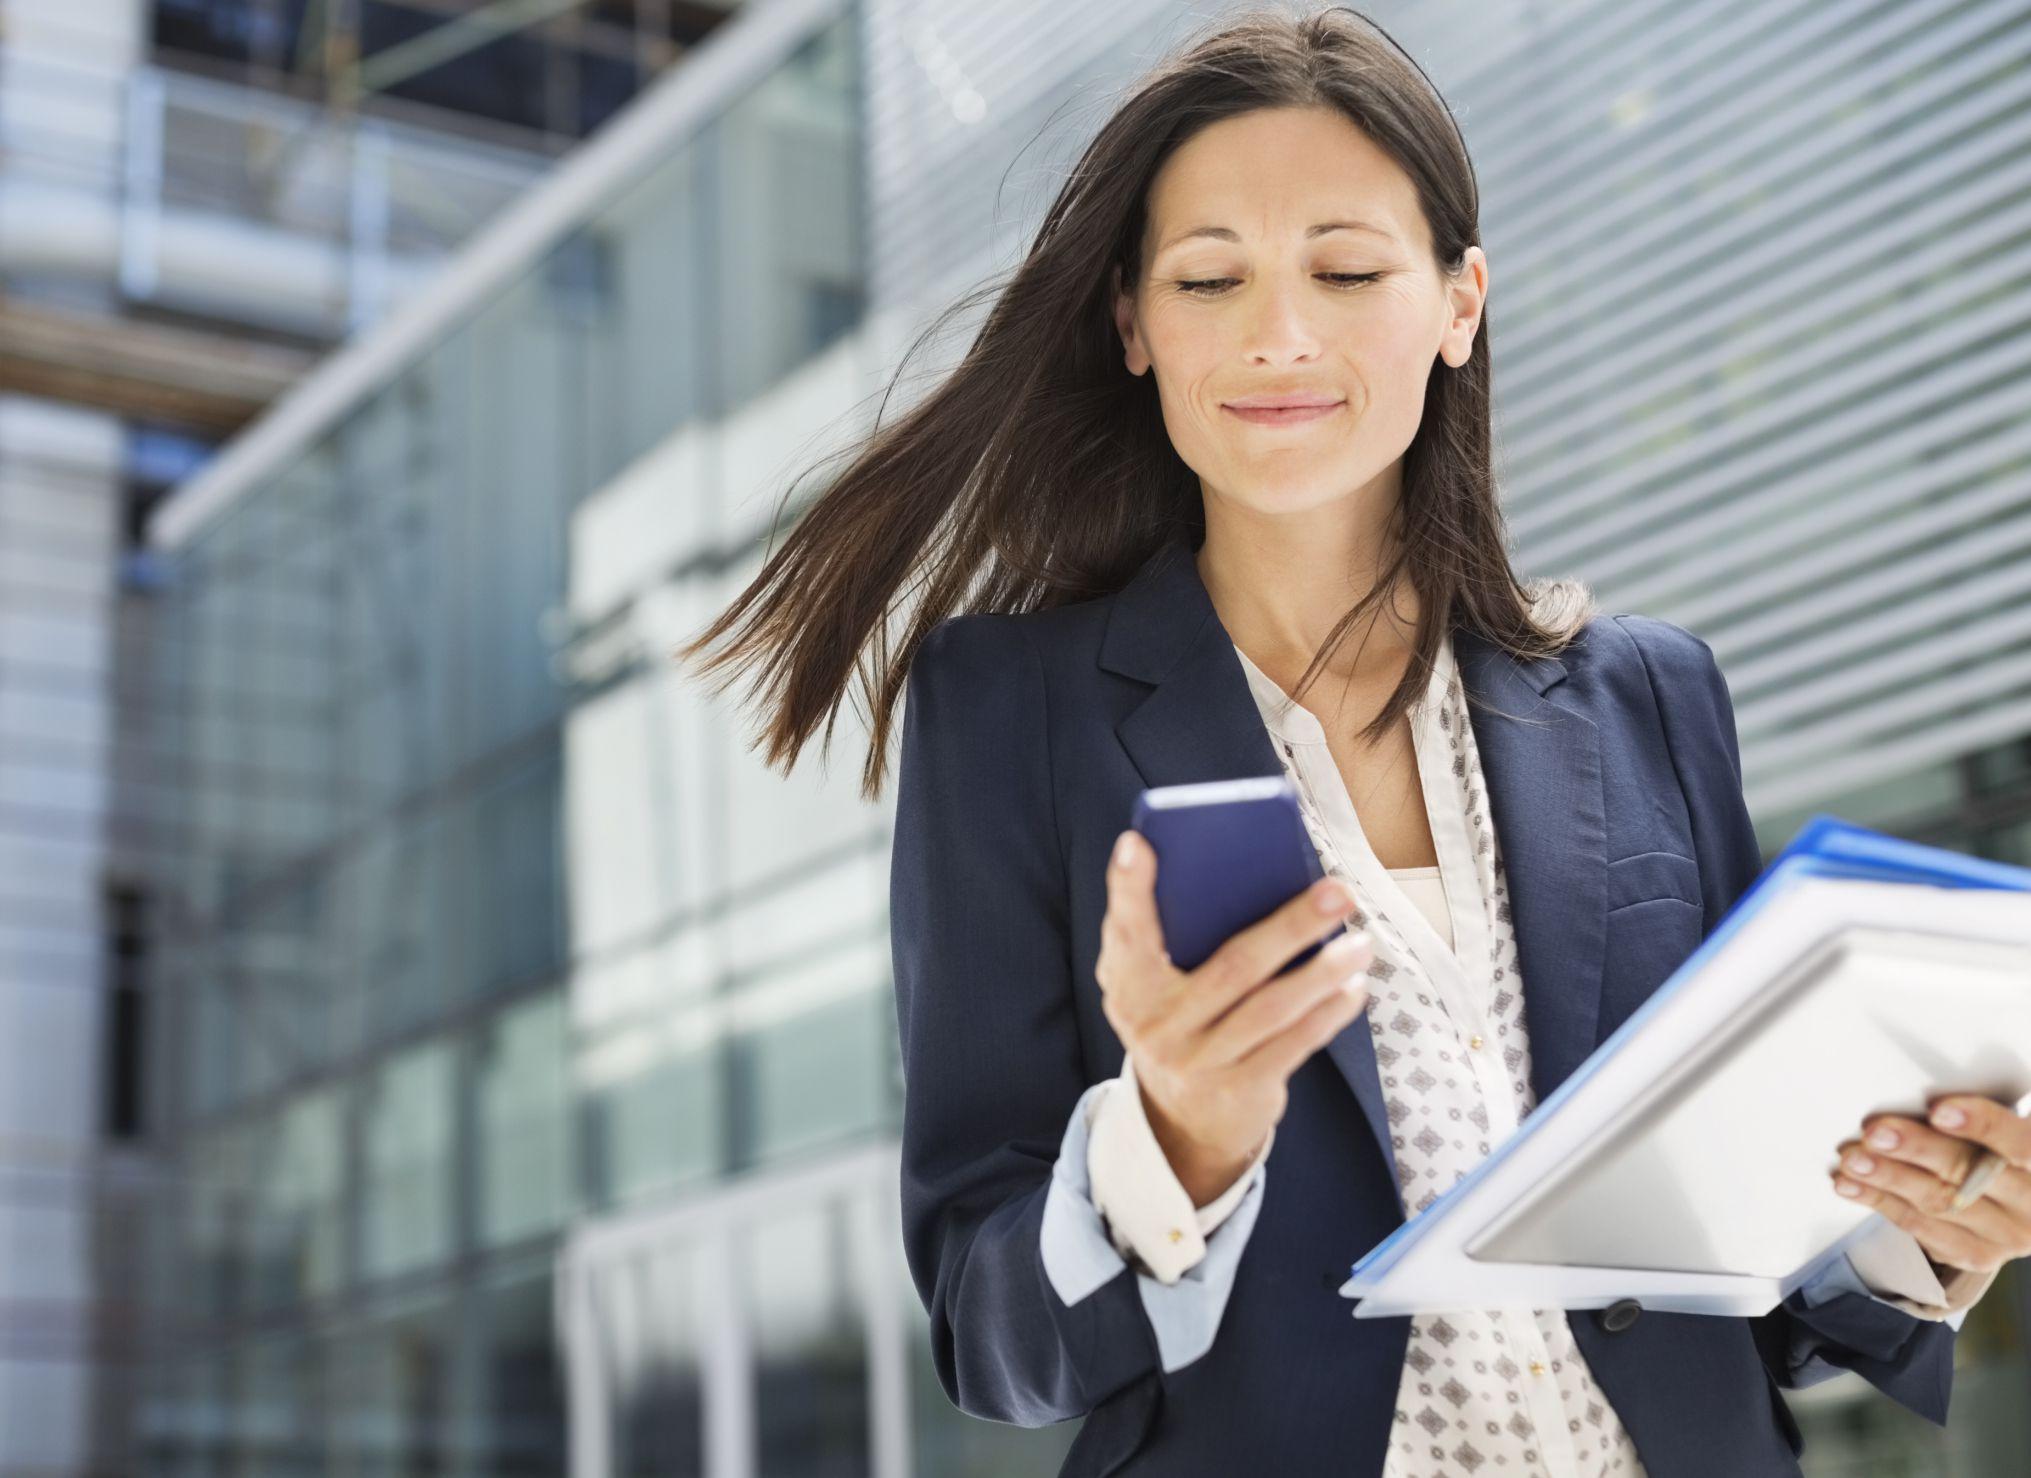 Mách bạn cách mua mã thẻ điện thoại bằng sms Vinaphone